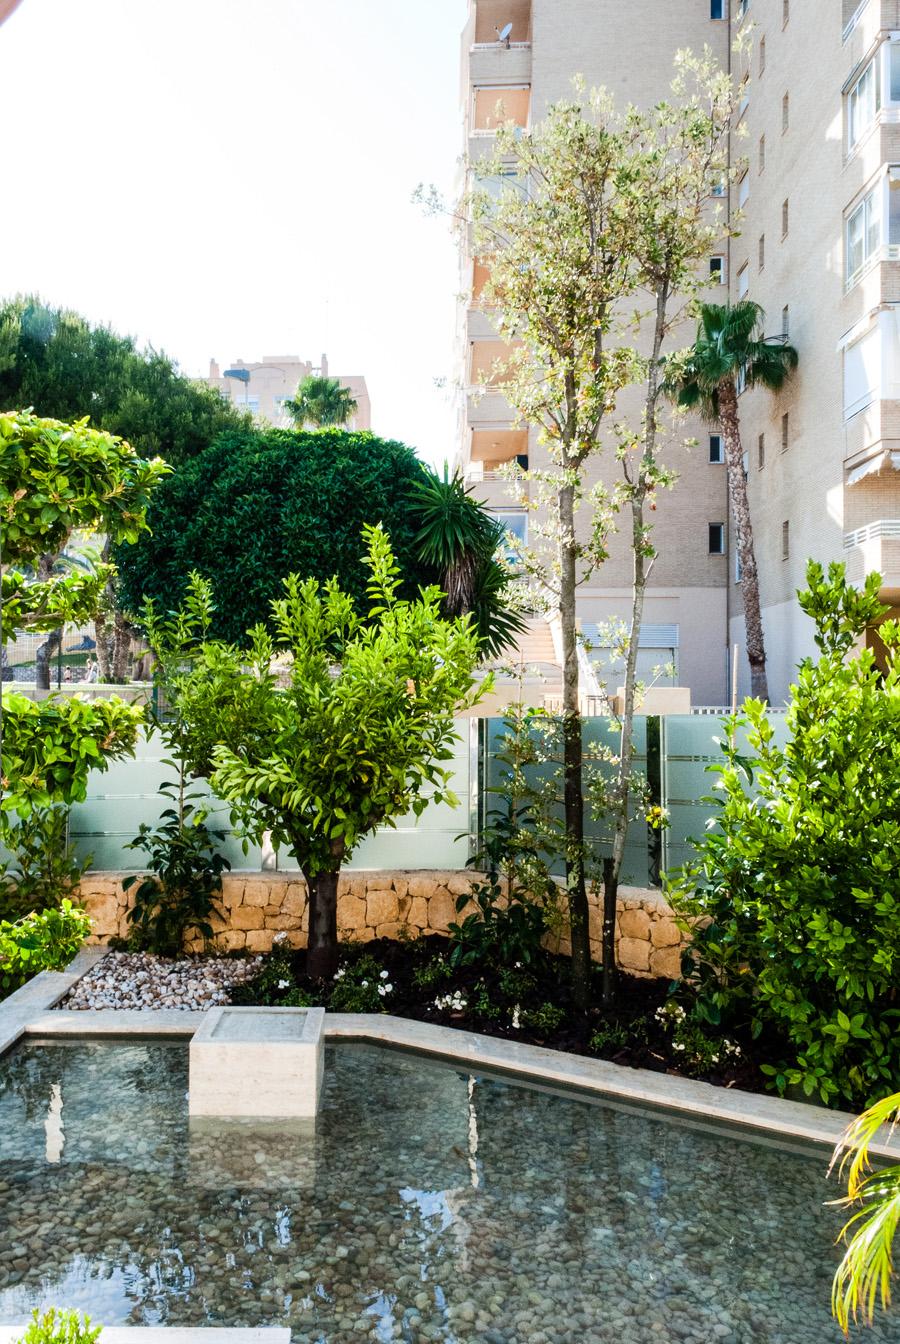 Diseno de jardin 2013 el rincon de amparo 12 david - Diseno jardines madrid ...